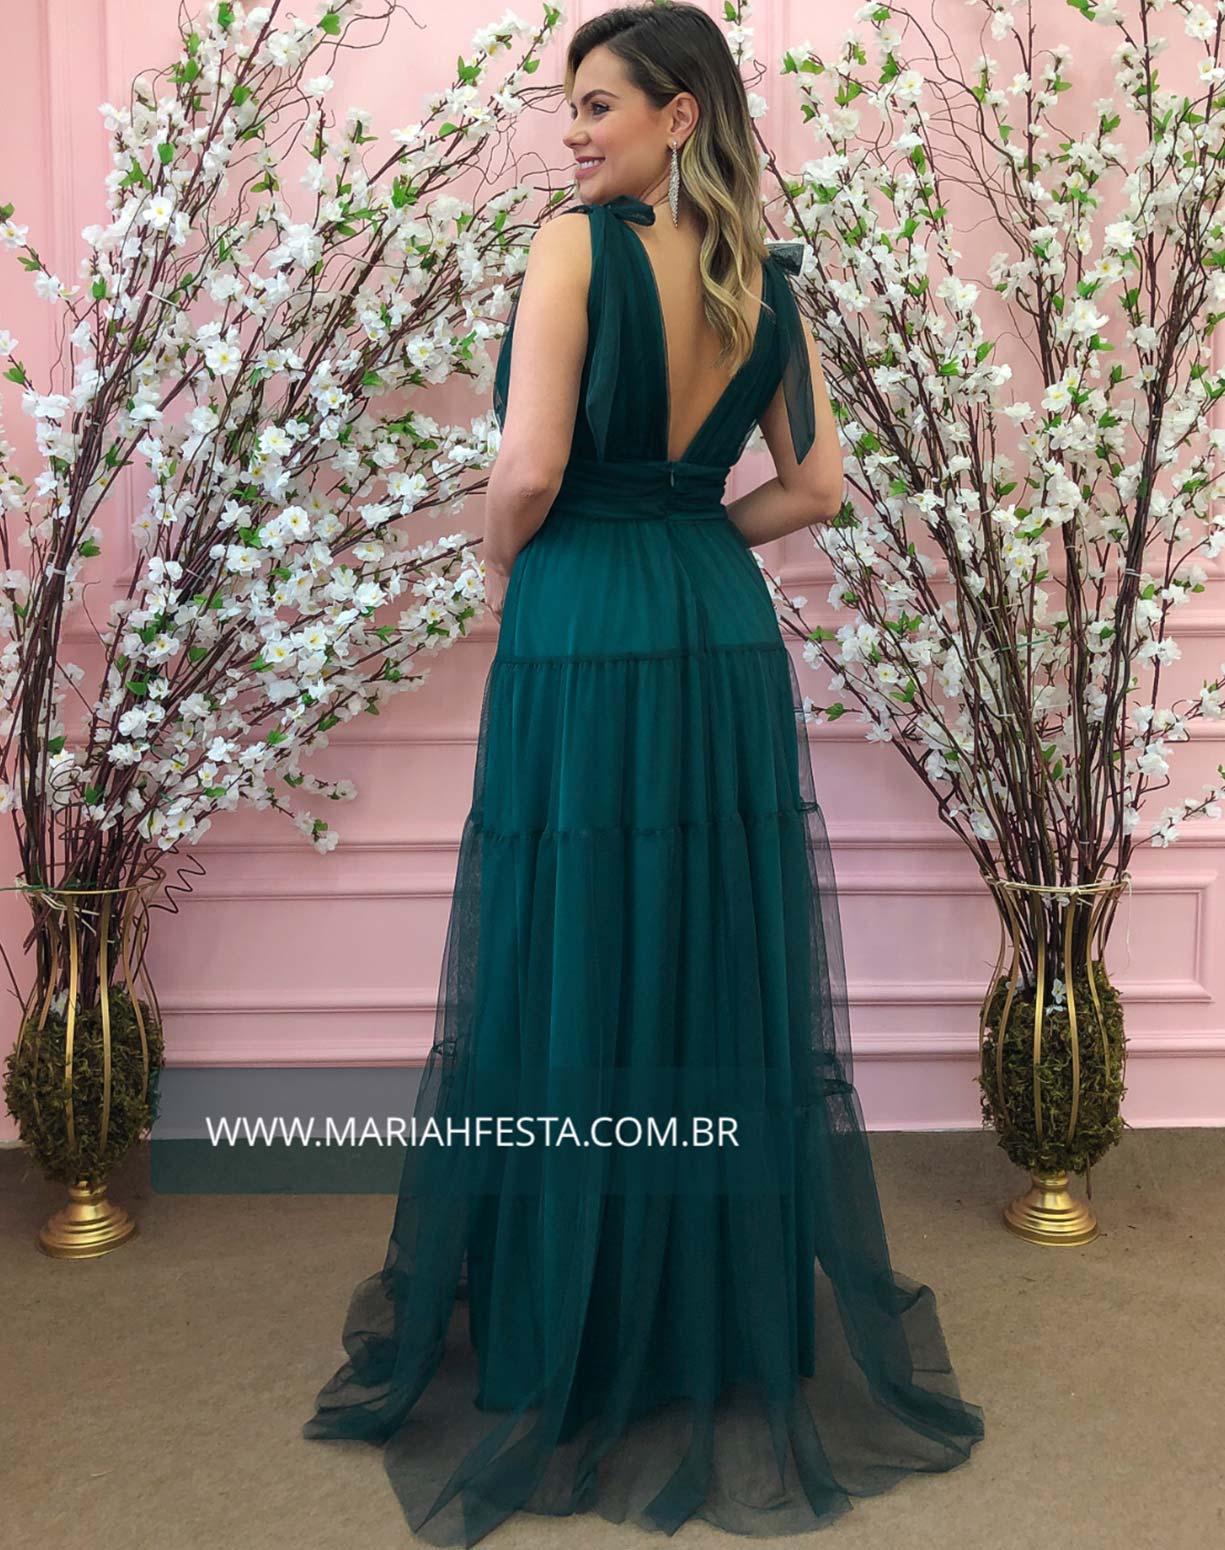 Vestido Verde Esmeralda em Tule com Alças de Amarrar